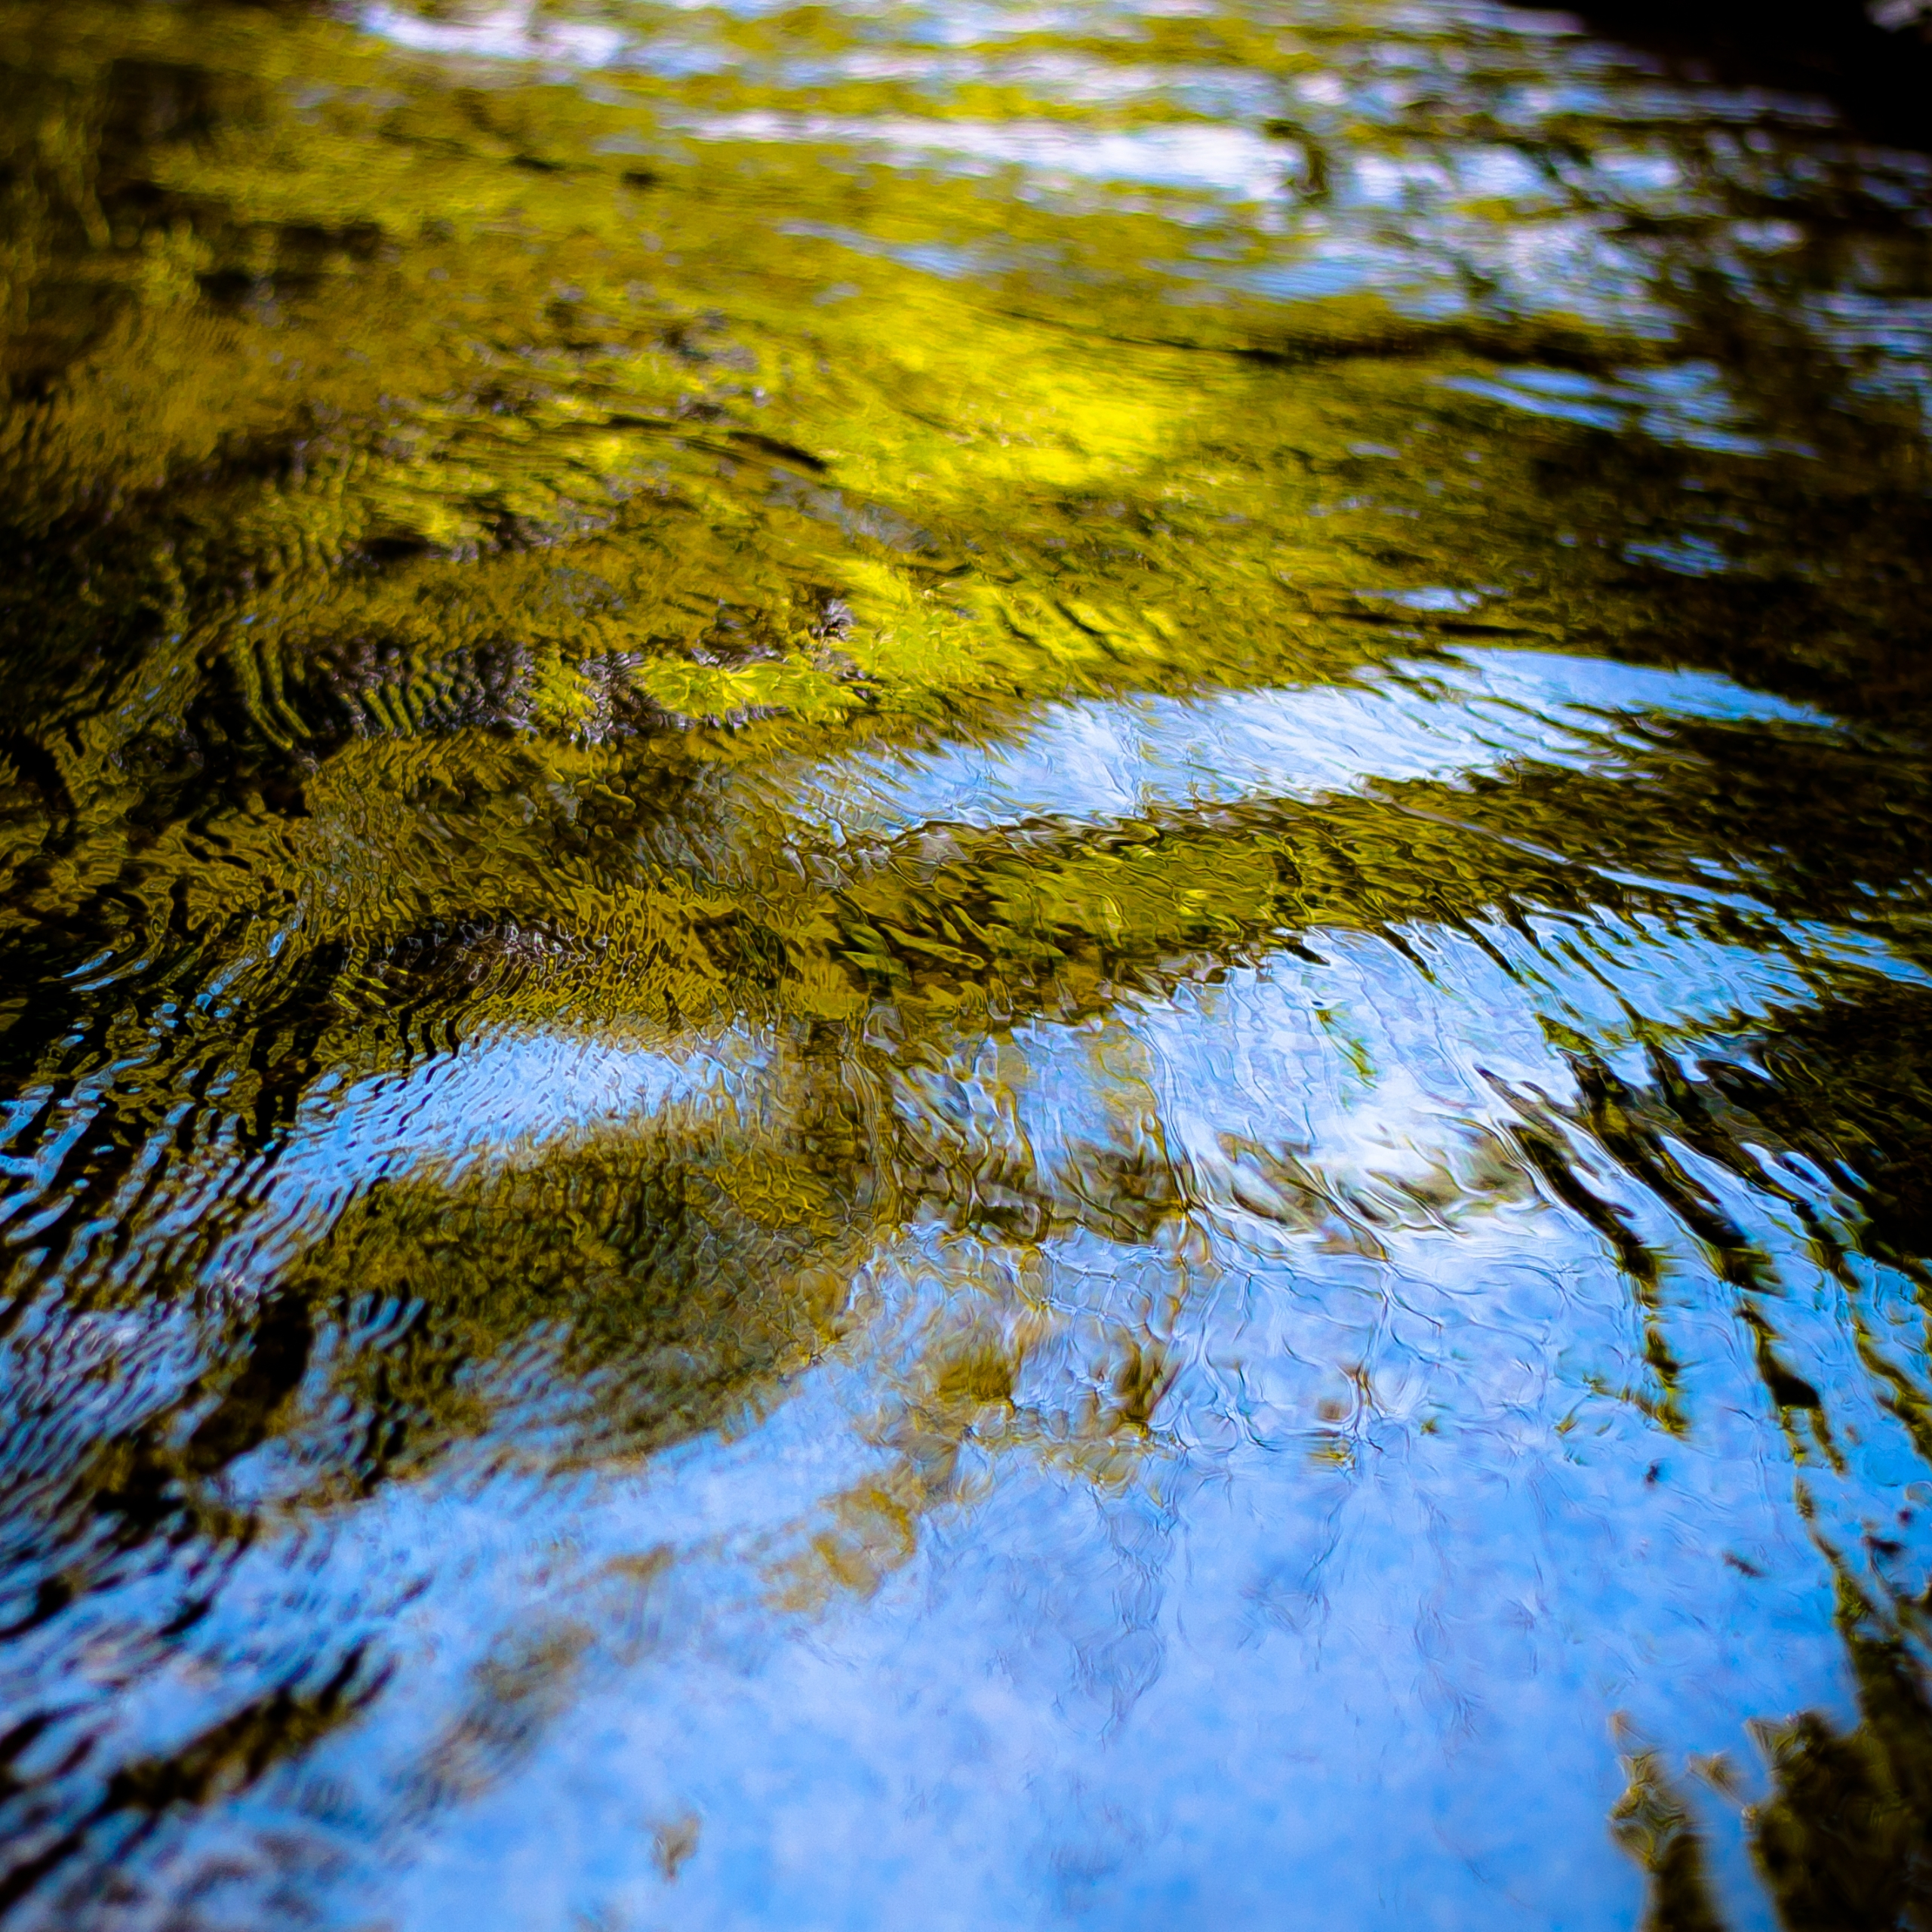 River Flow 055 - noahbw | ello